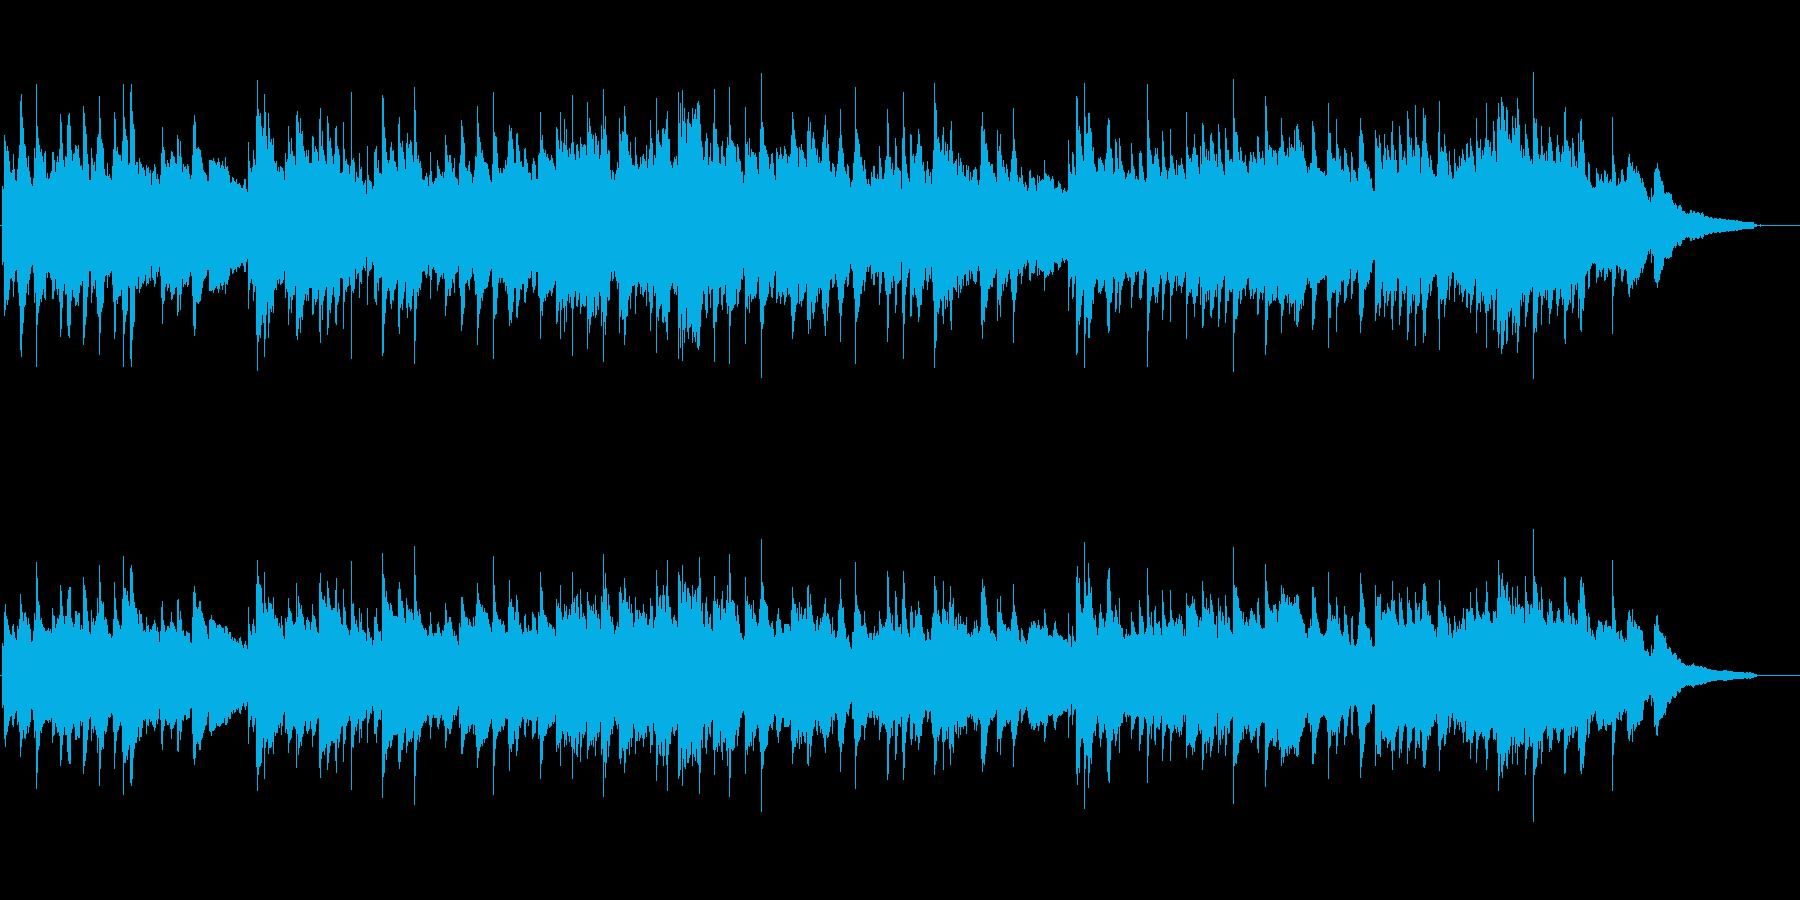 温かみのあるアコースティックギターソロ曲の再生済みの波形